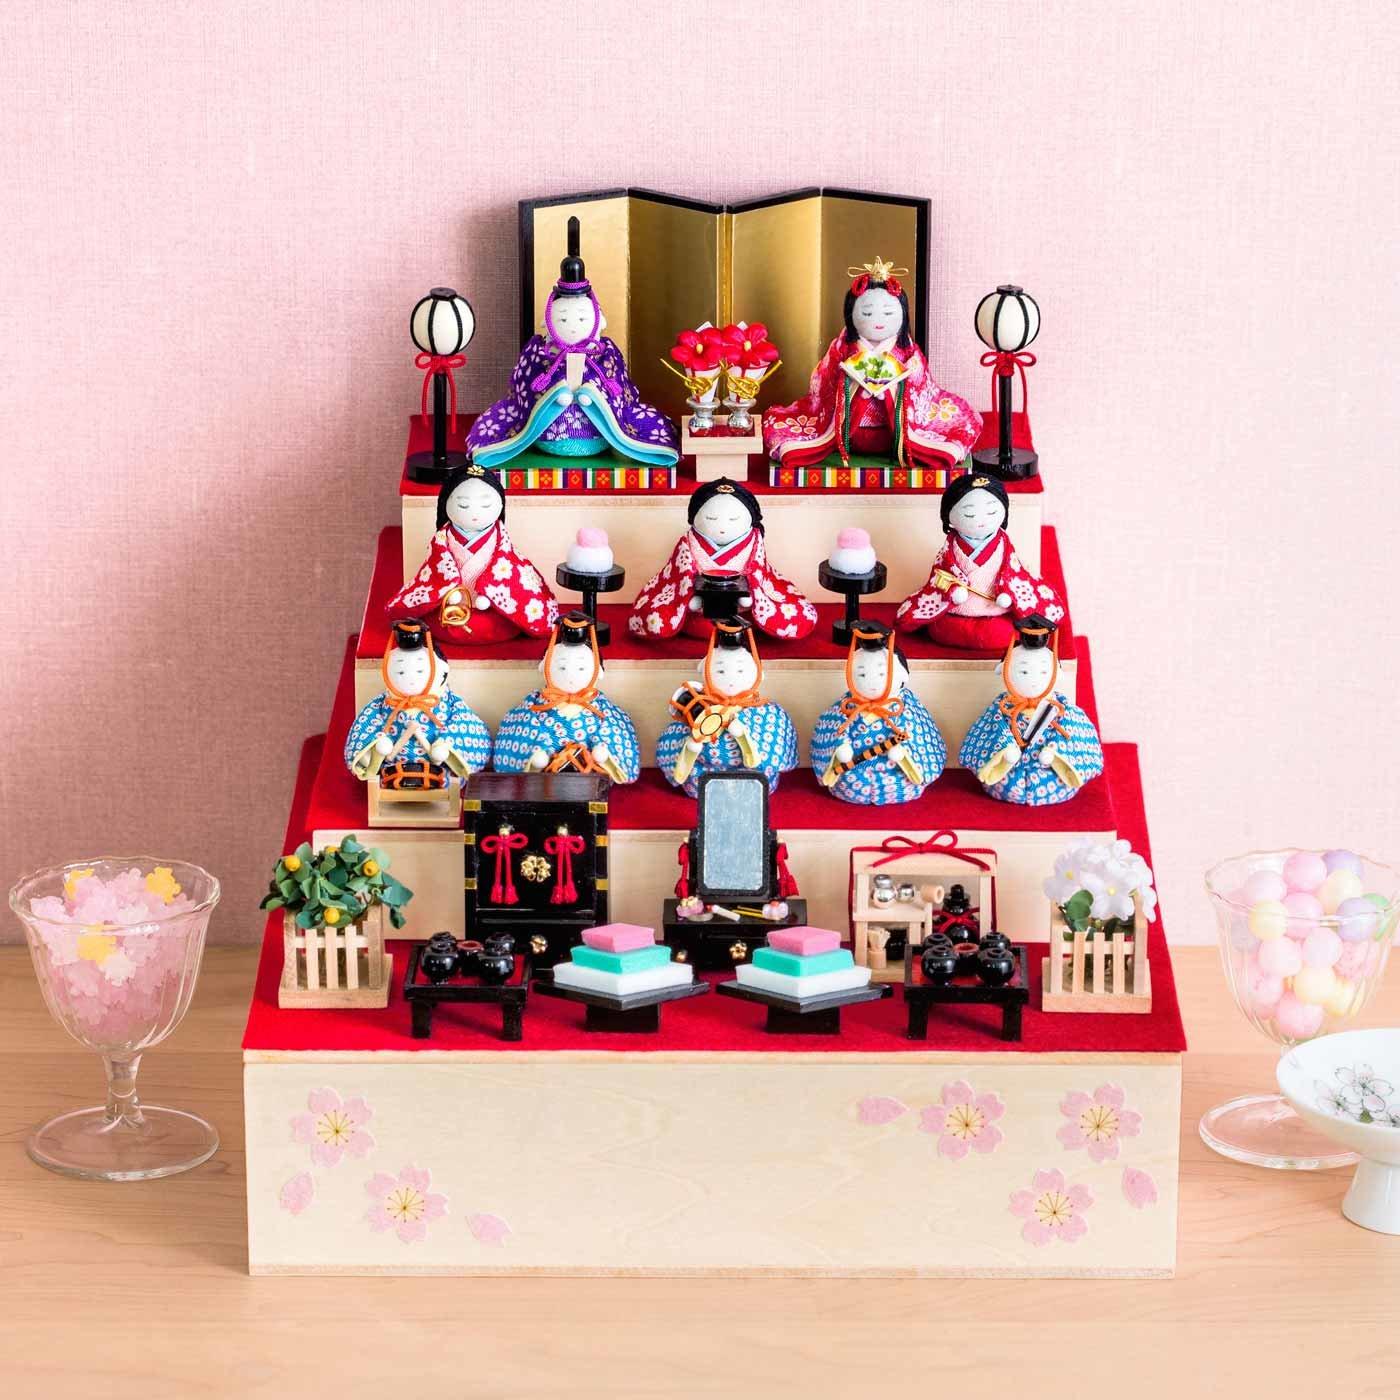 【一括購入】すこやかな成長の願いを込めて 「おひなさまミニチュア」全種類+「ひな壇飾りの木箱」セット